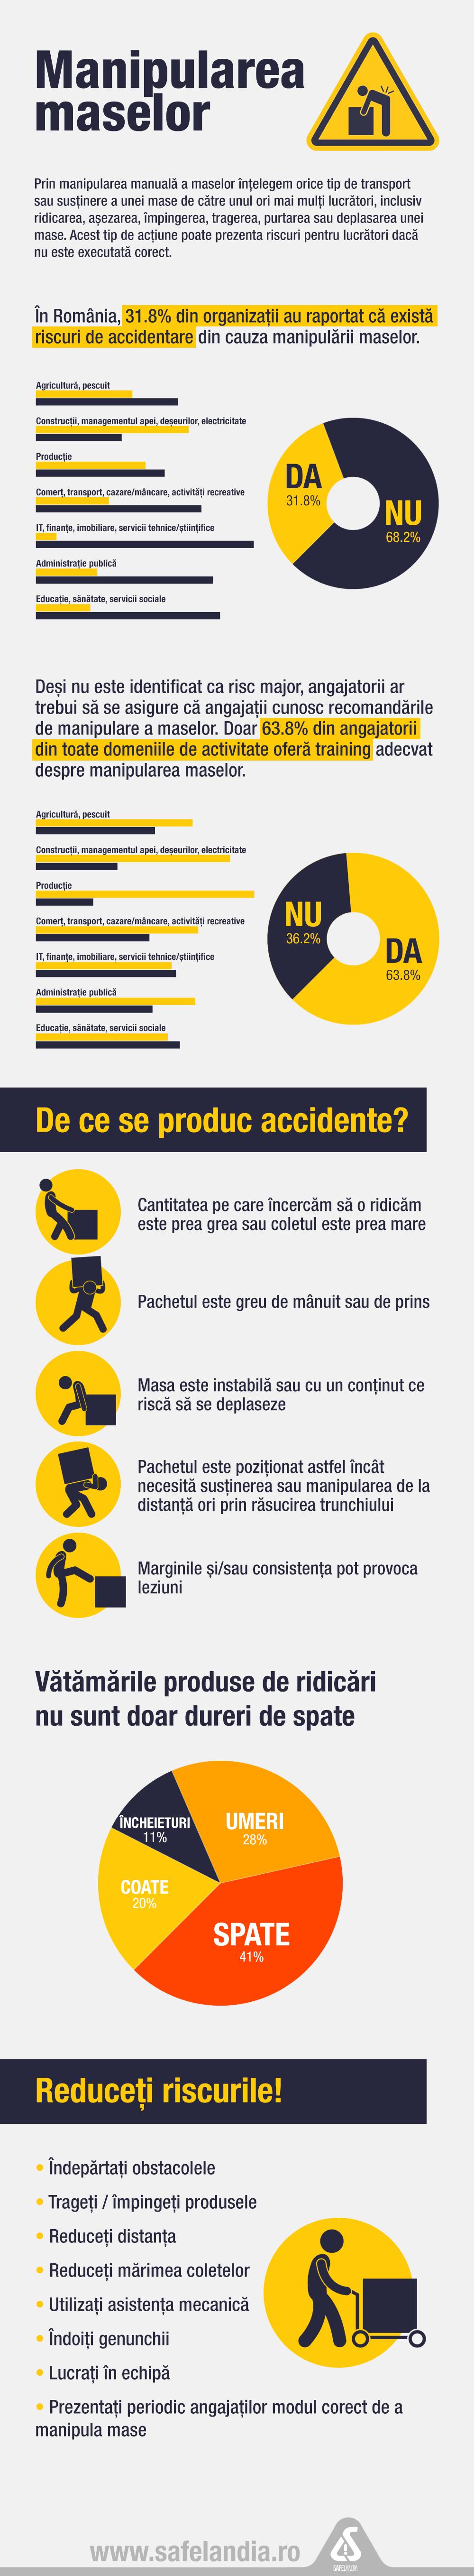 infographic10_v2